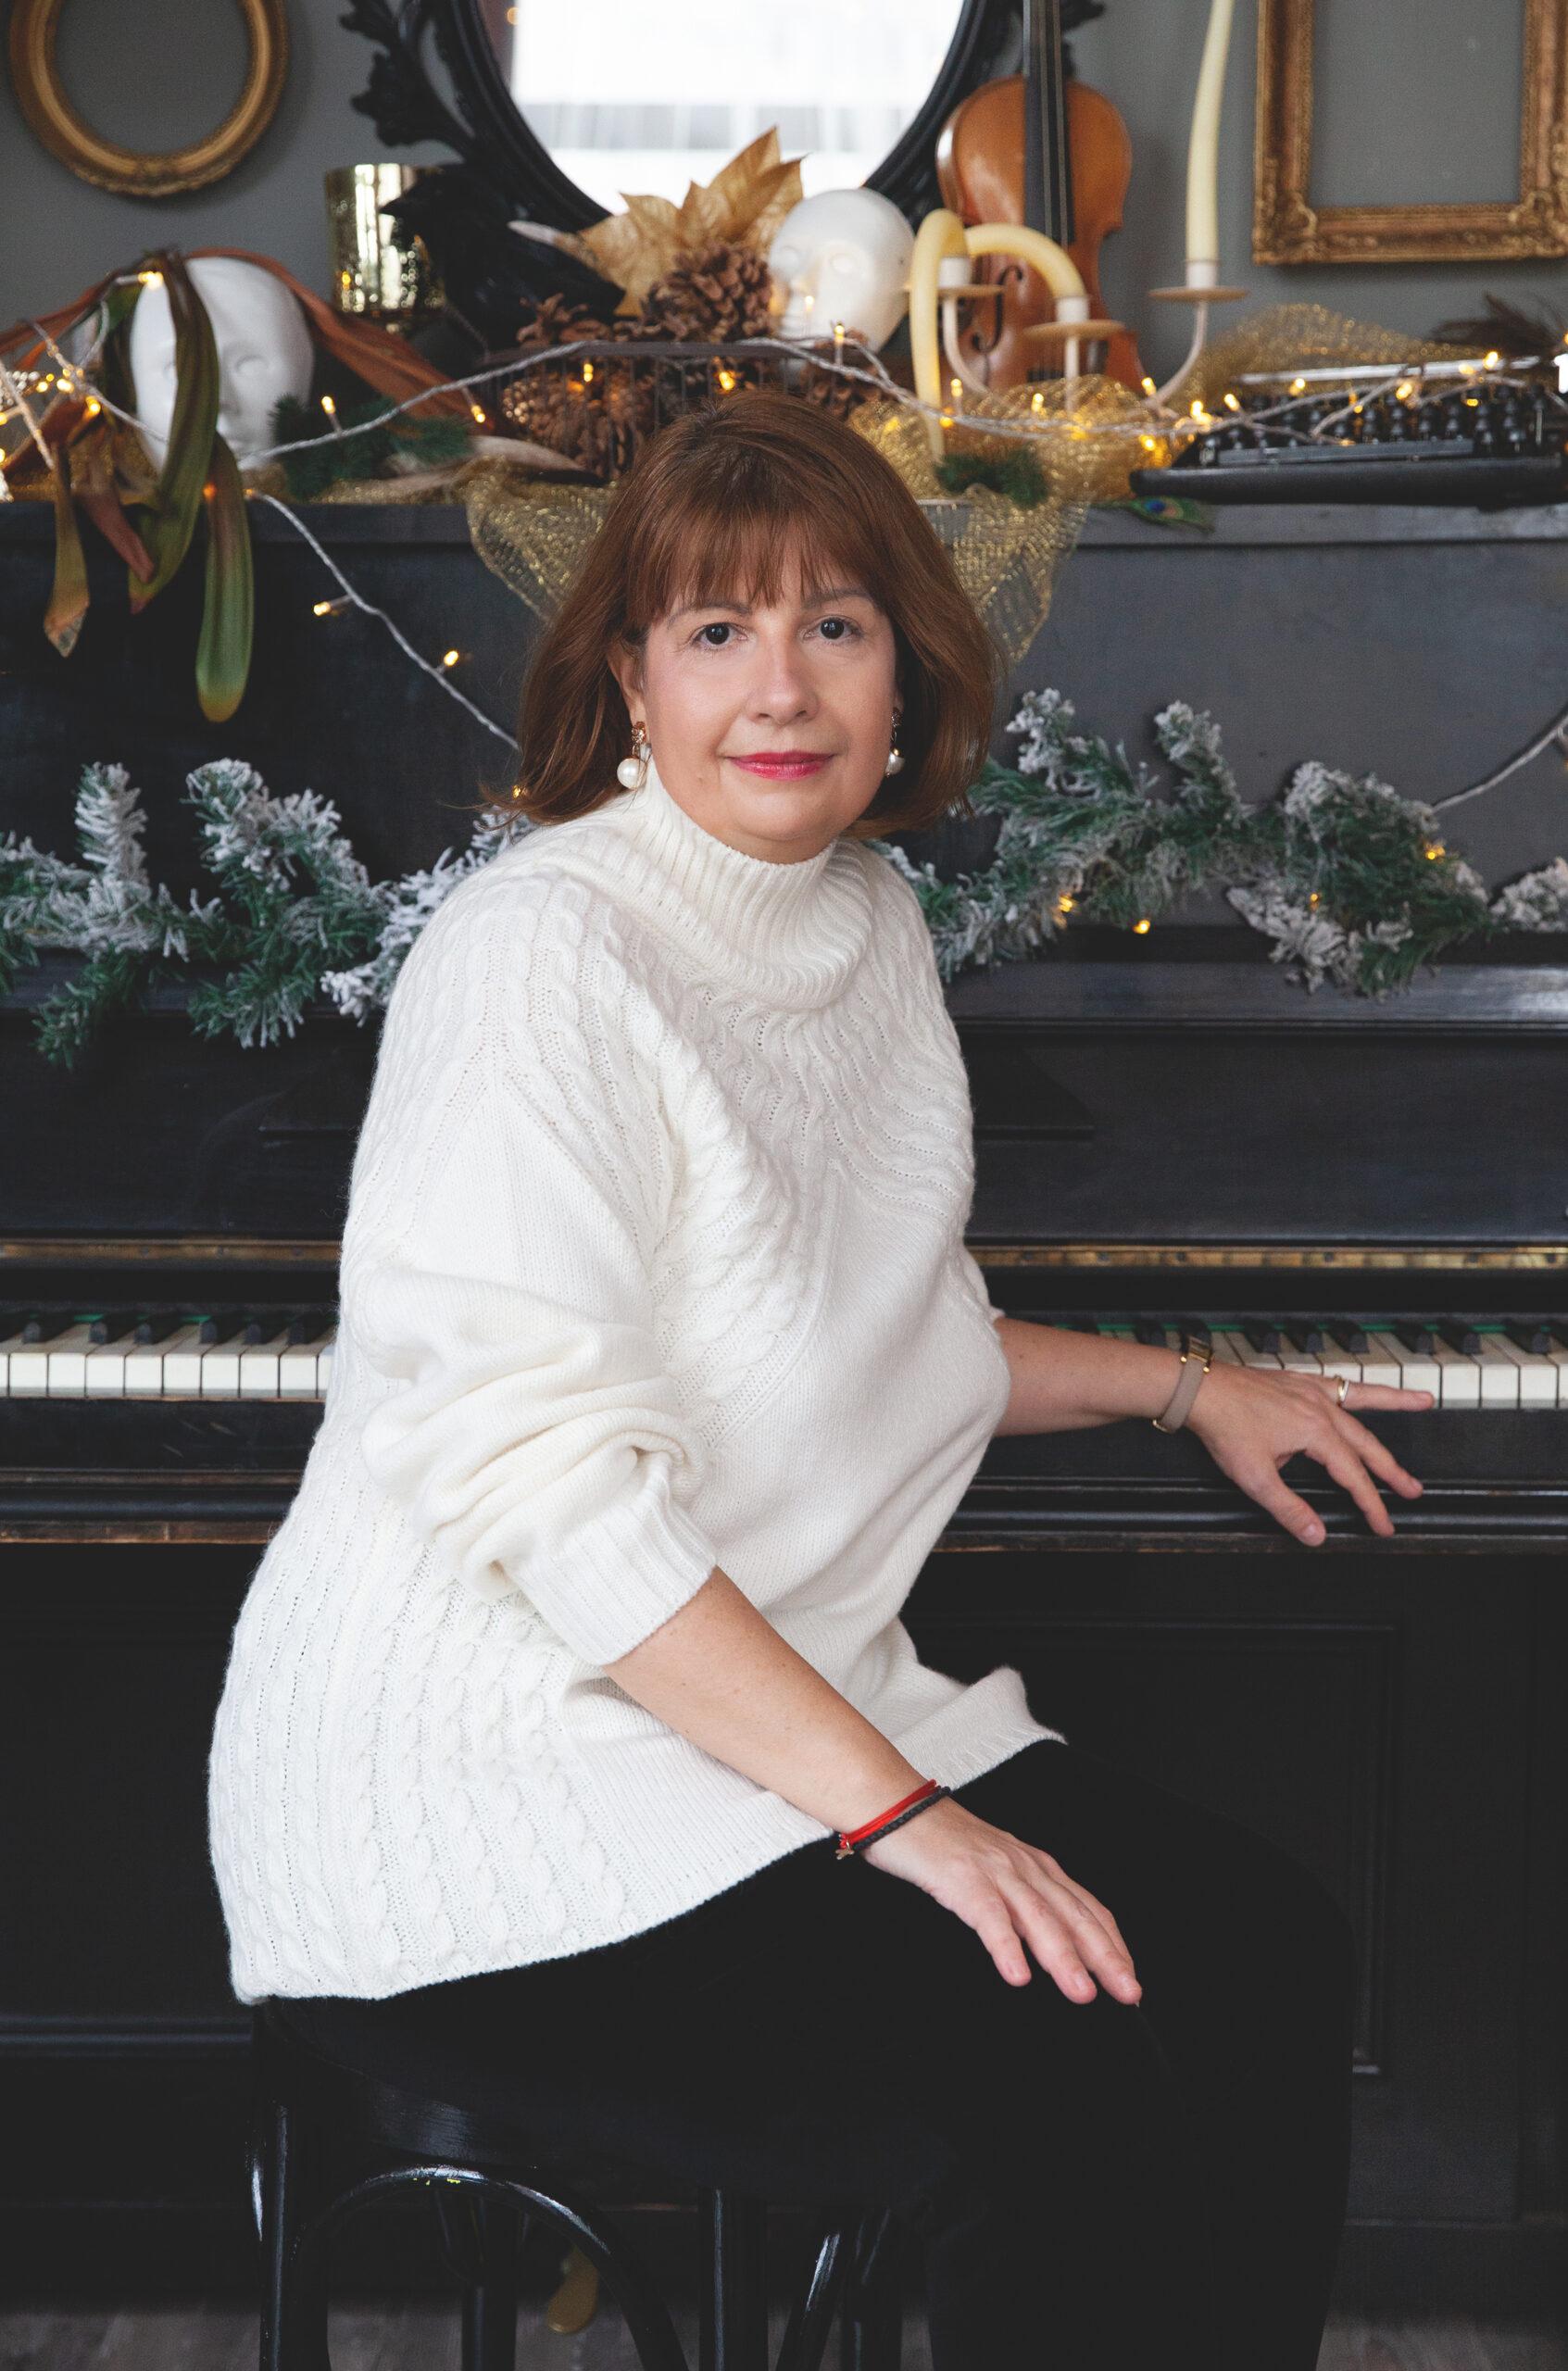 Natalia Maeva - profile image